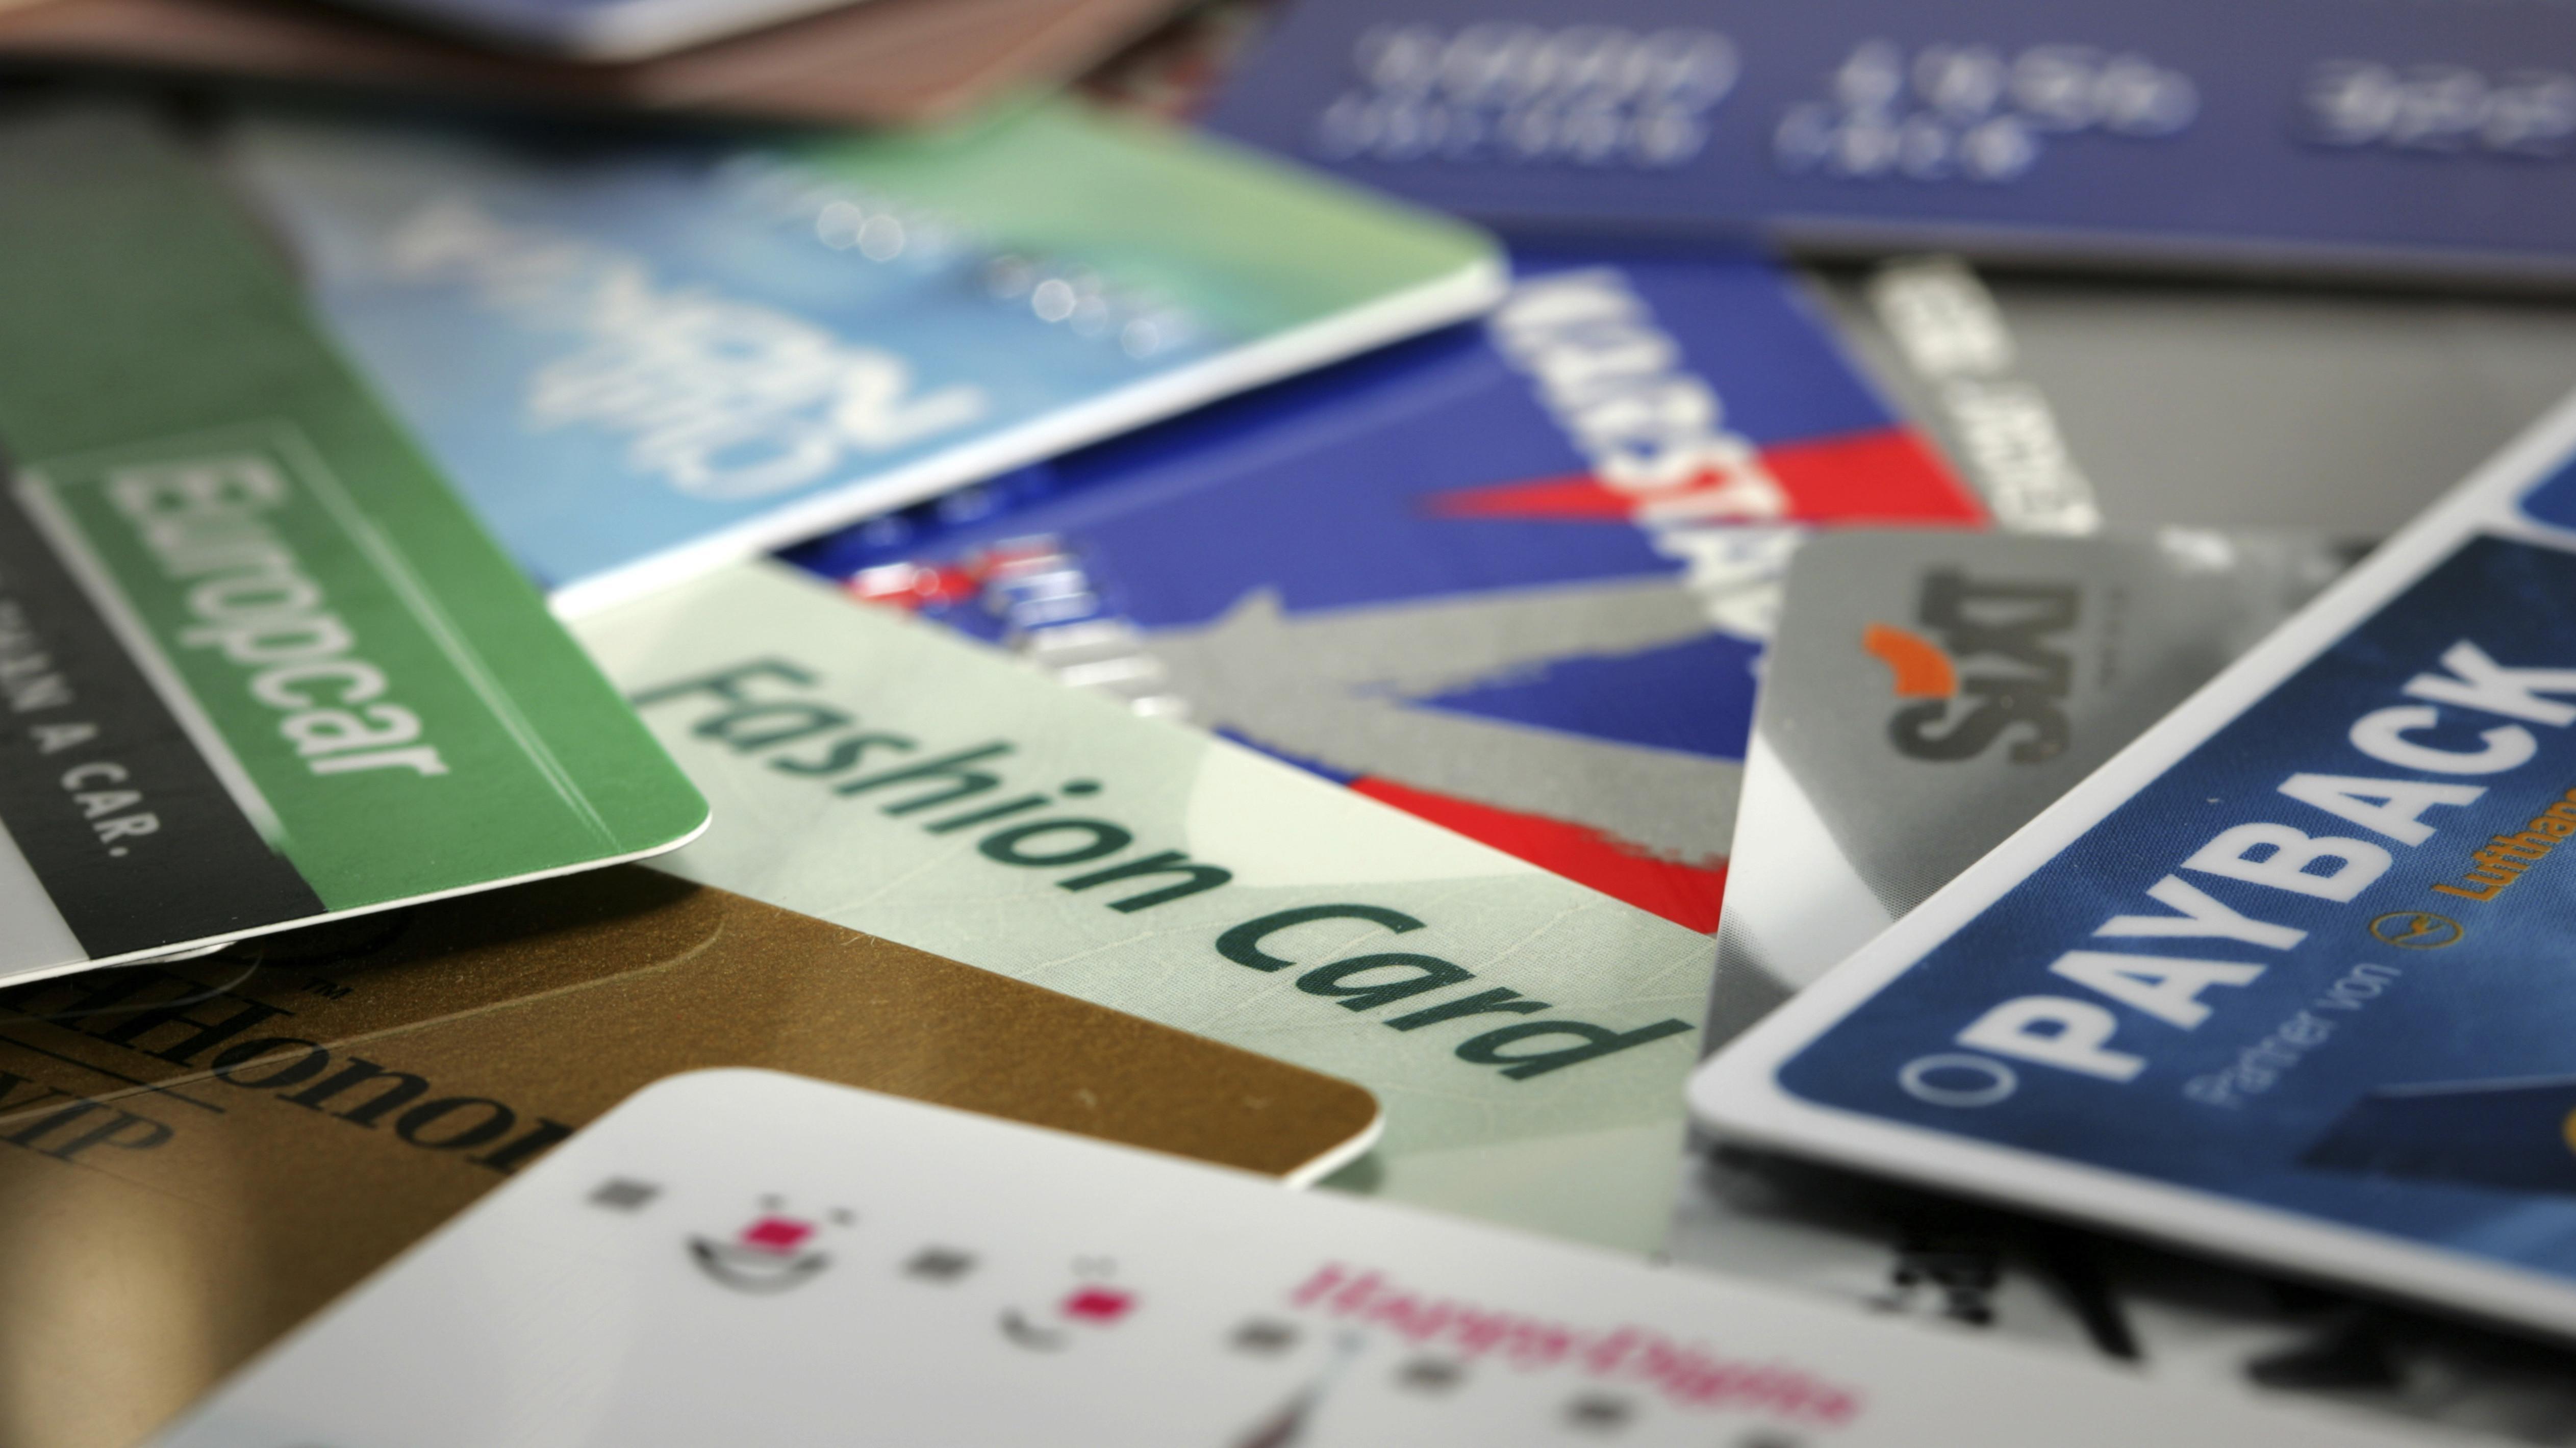 Die Deutschen sind Schnäppchenjäger: Fünf Bonuskarten haben wir im Schnitt im Geldbeutel.